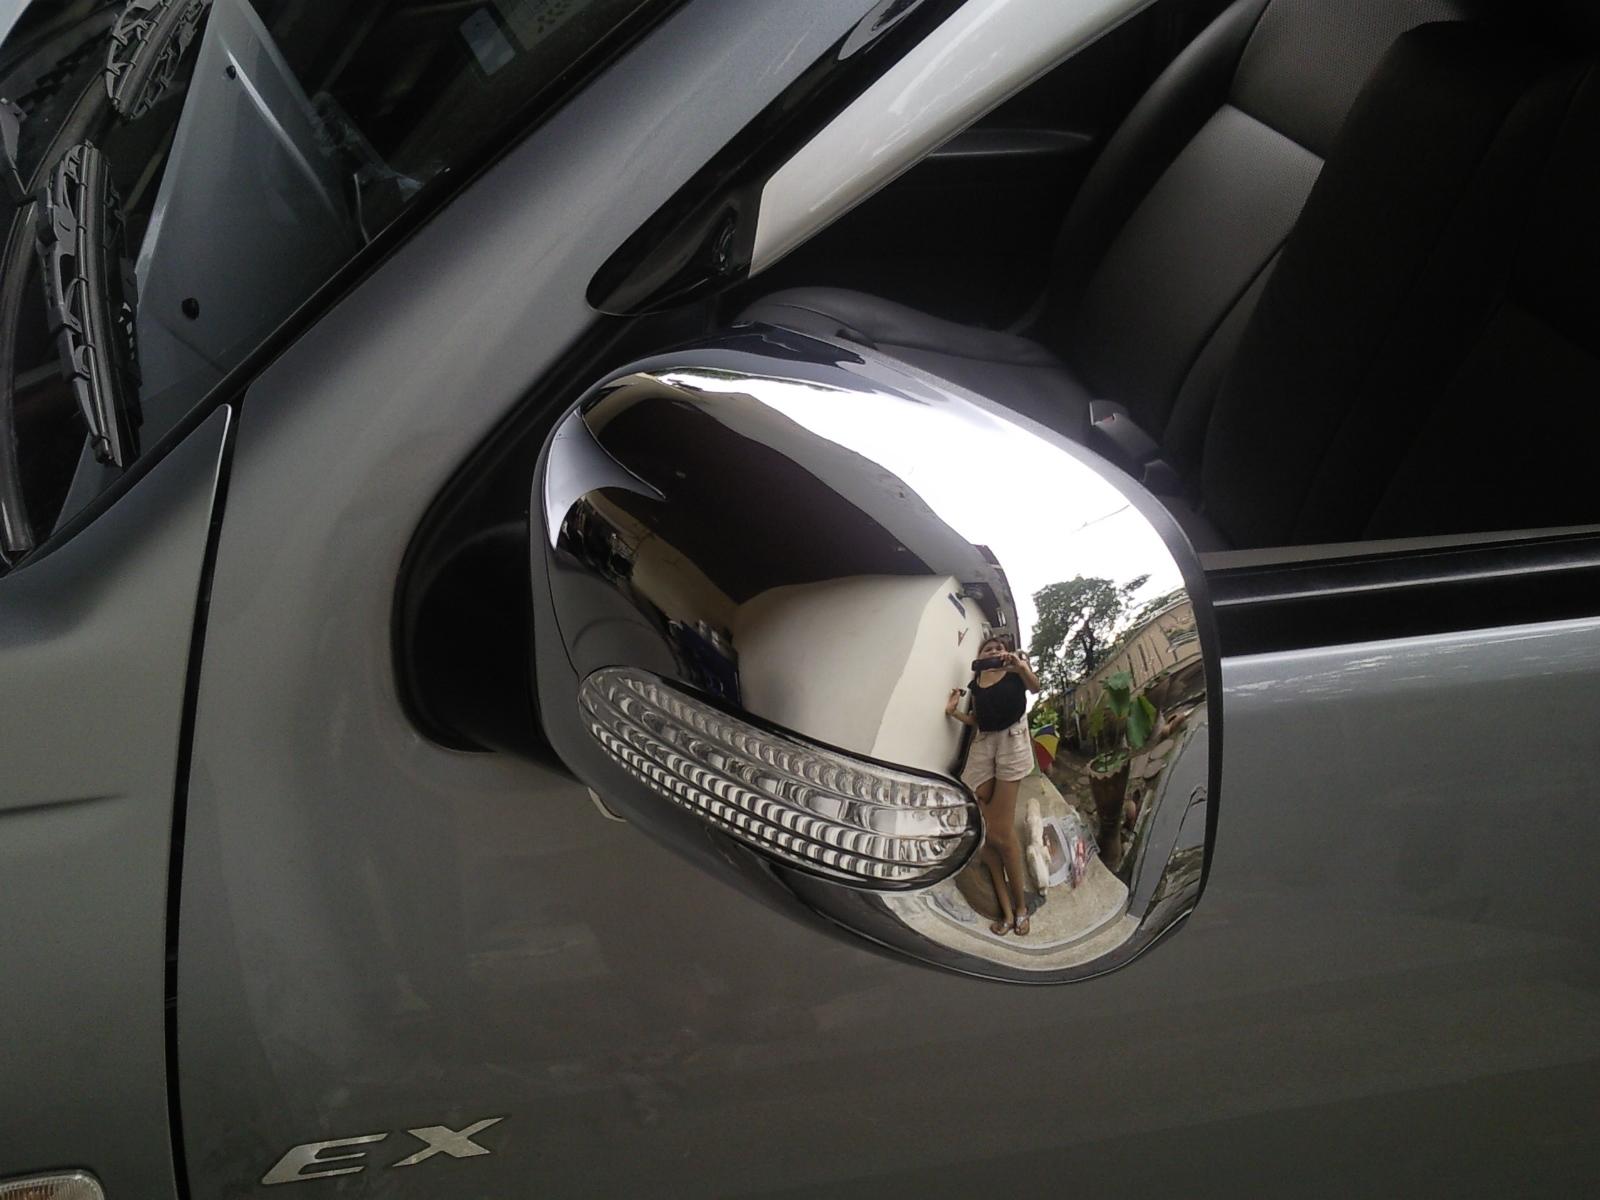 ครอบกระจกมองข้างแบบมีไฟเลี้ยว+ไฟหรี่ ใส่ d-max ปี02-06